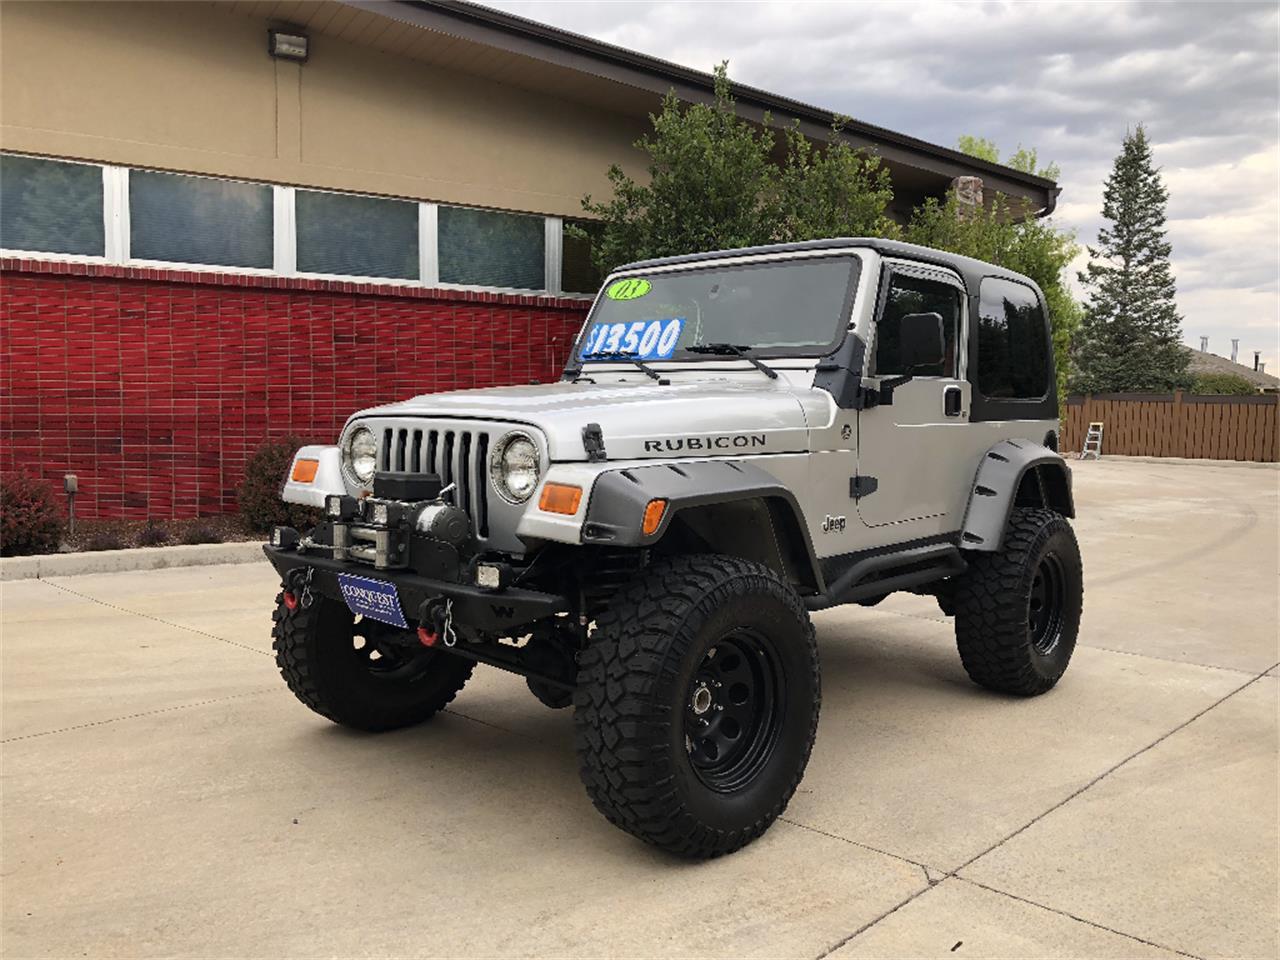 Wrangler For Sale >> 2003 Jeep Wrangler For Sale Classiccars Com Cc 1142453